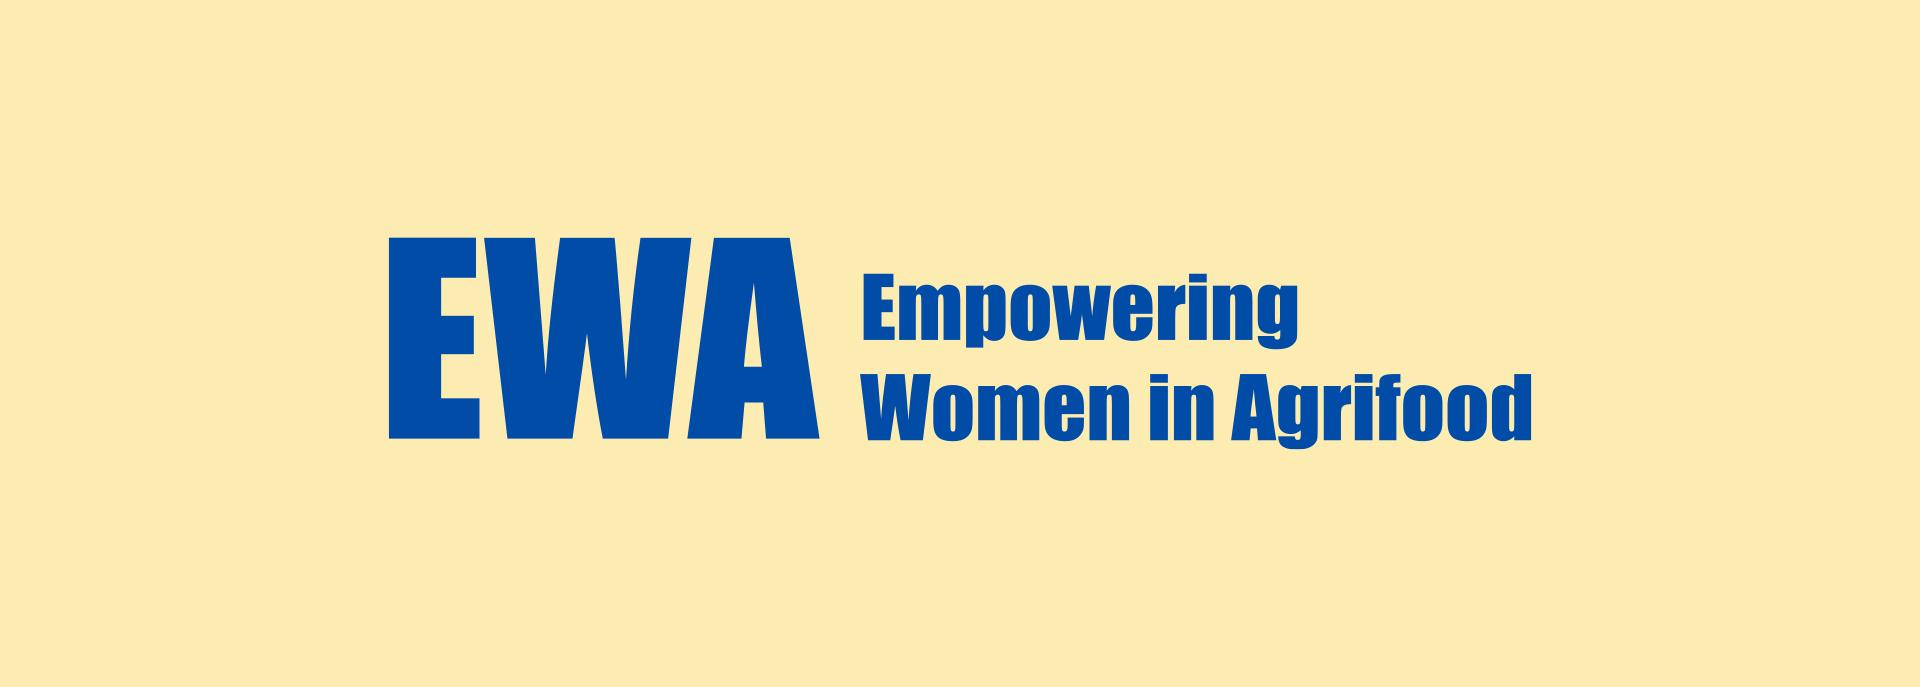 texto: EWA (Empowering Women in Agrifood)